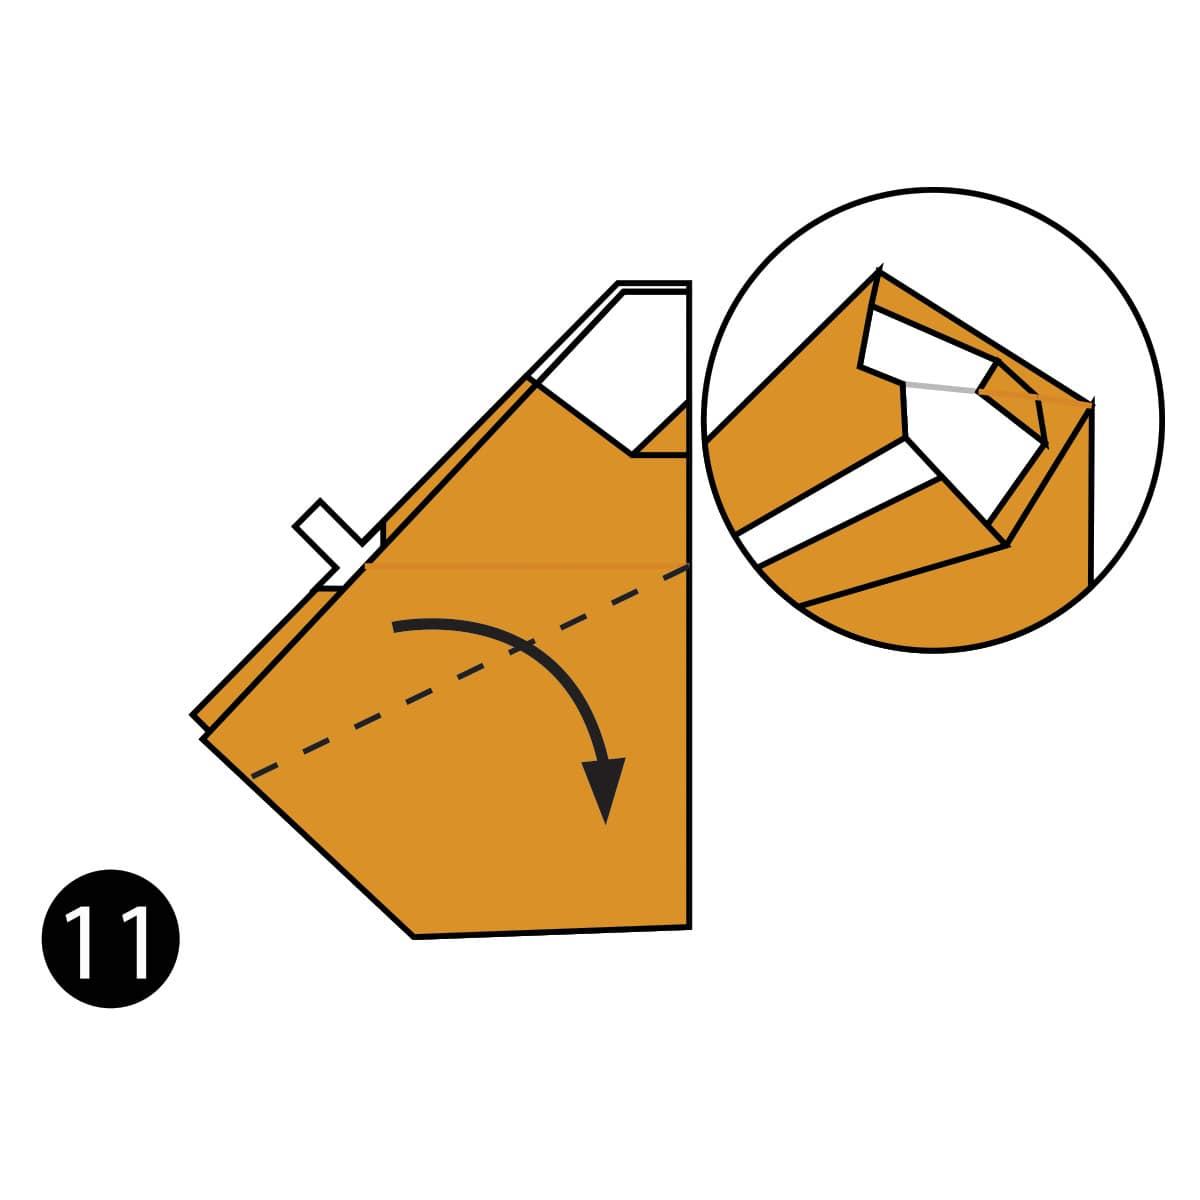 Gorilla Step 11